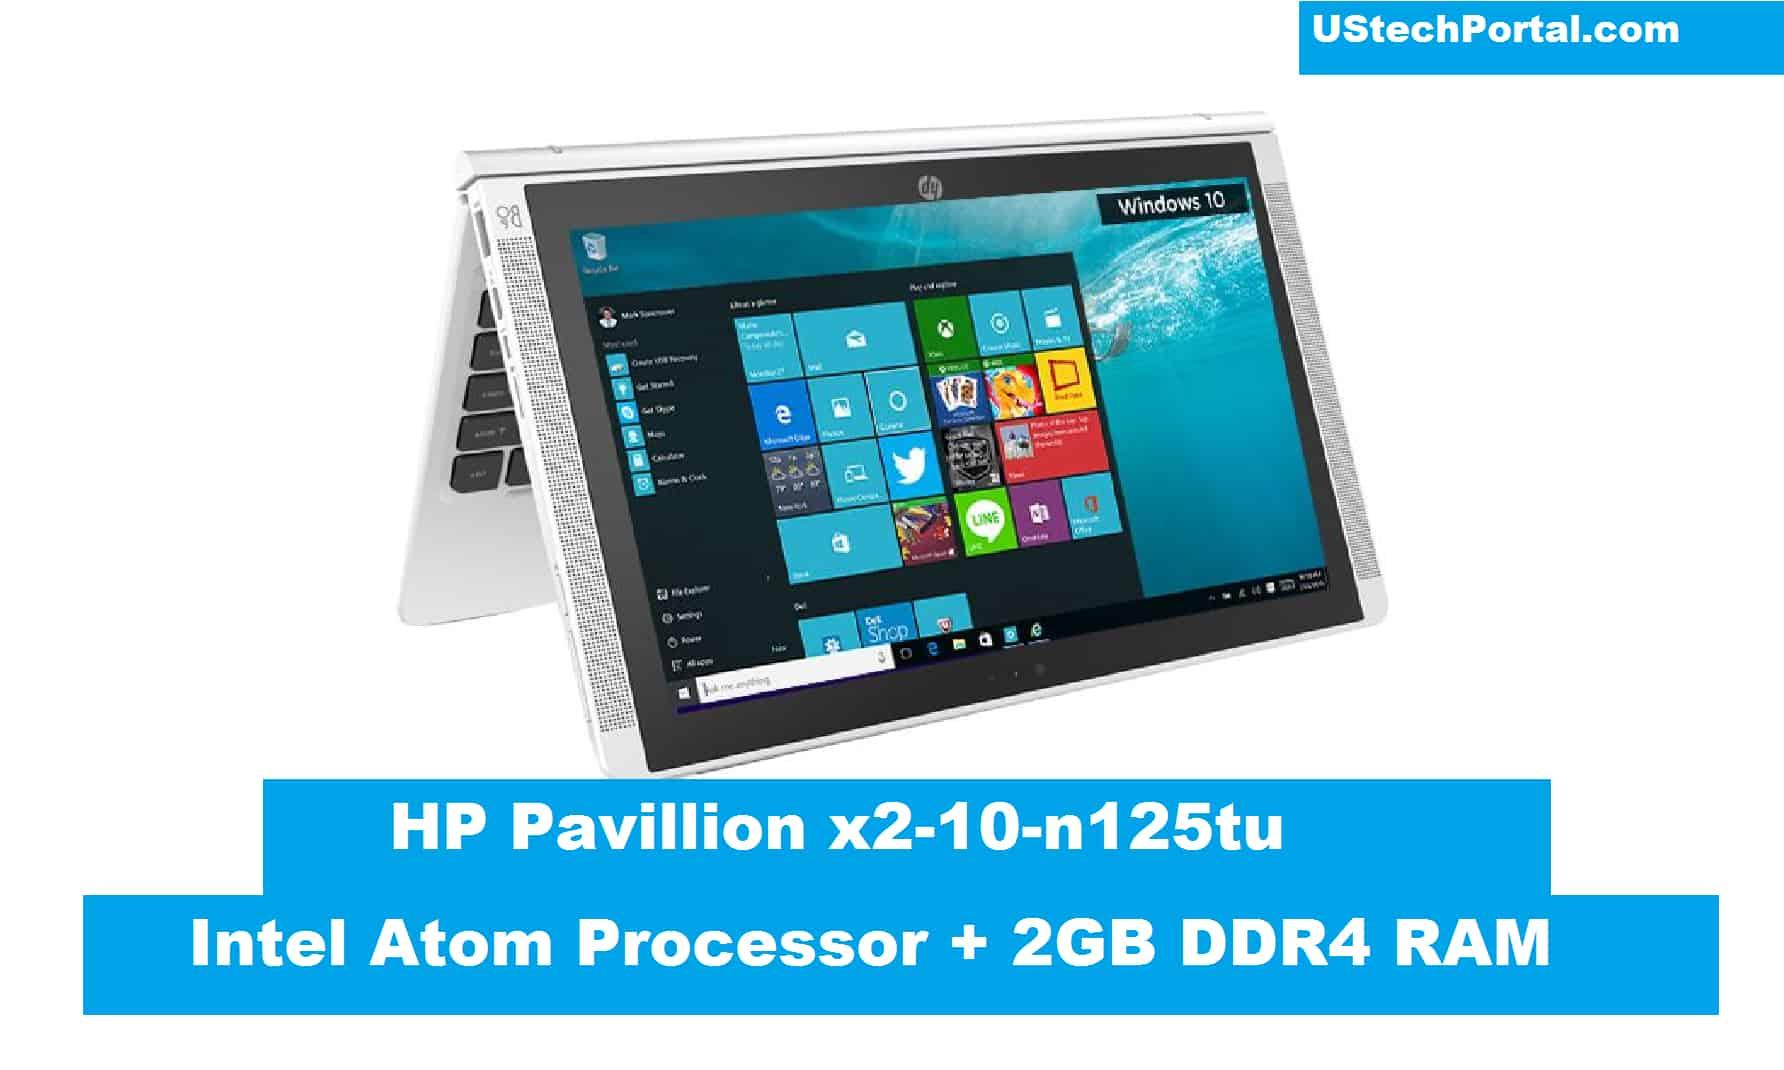 HP Pavillion x2-10-n125tu Review : Advantages | Disadvantages | Price